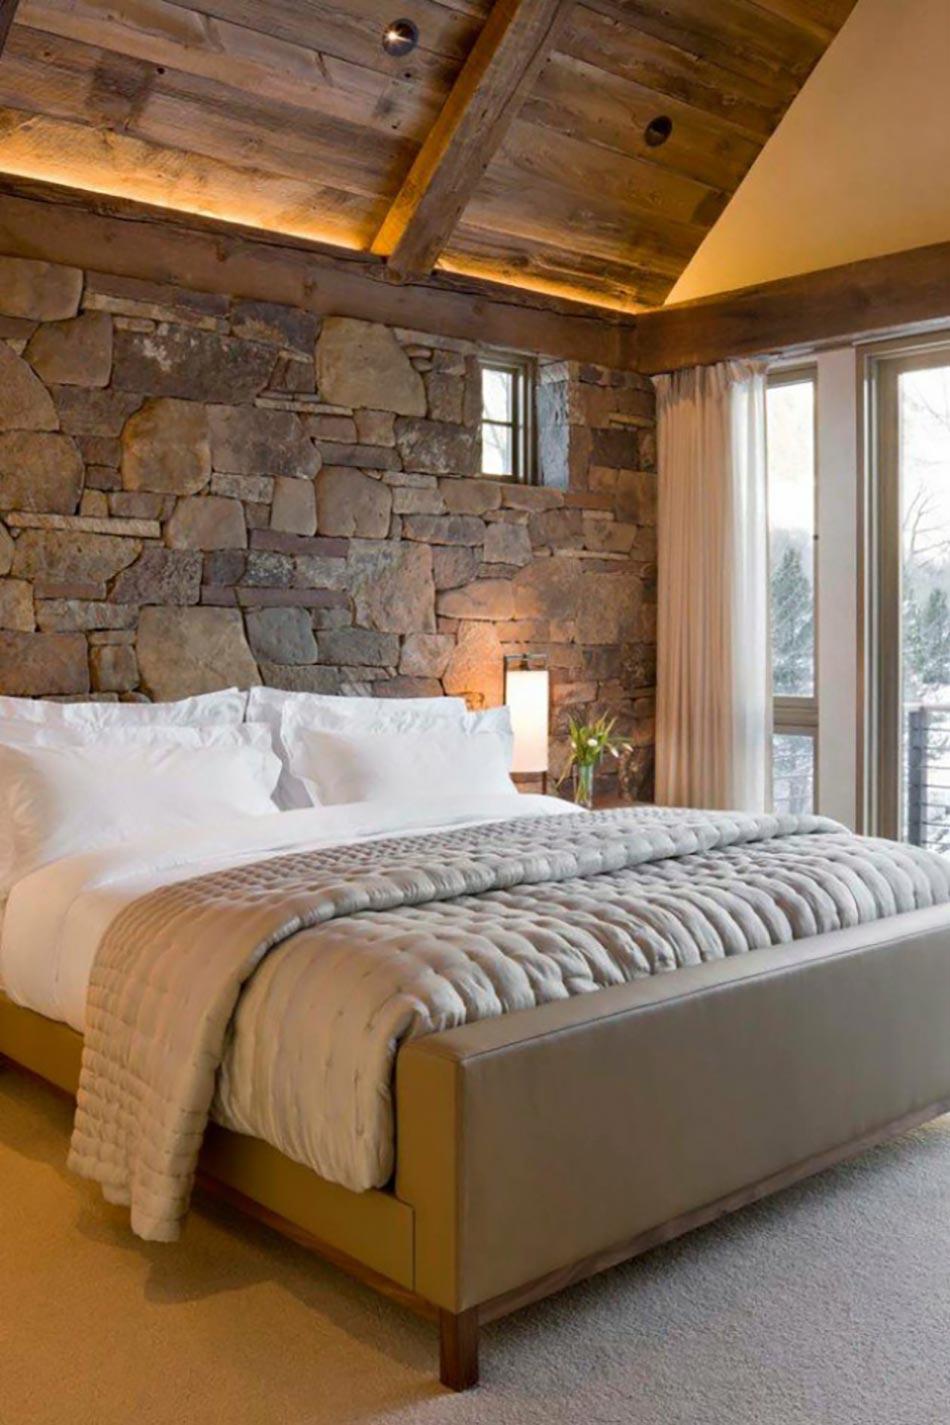 Mur Interieur En Bois Chalet : Mur en pierres et plafond en bois pour une ambiance brute